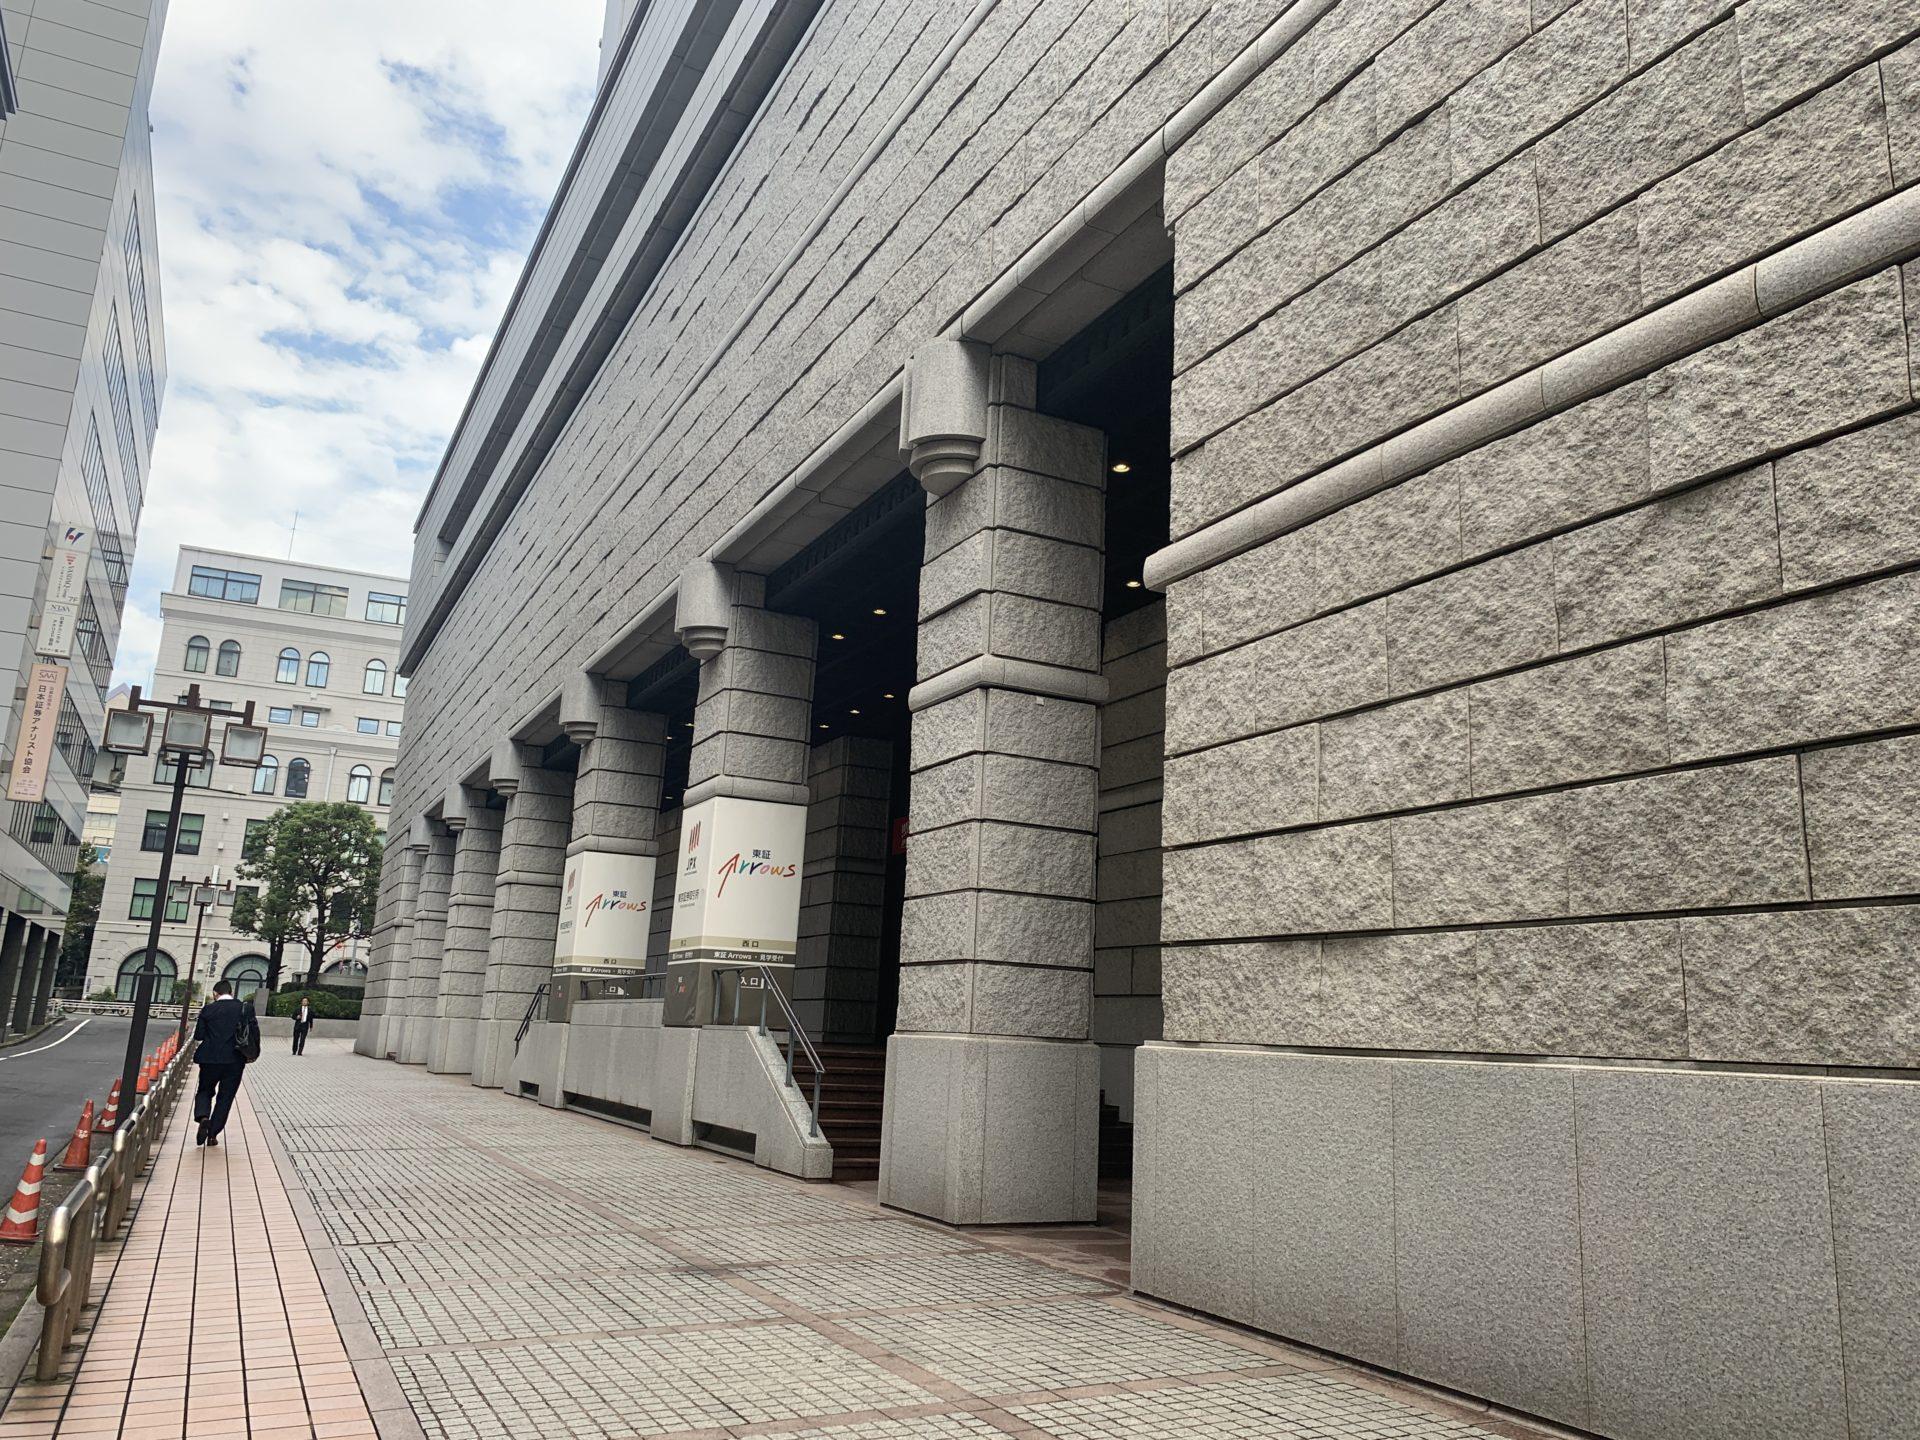 Visita à bolsa de valores de Tóquio